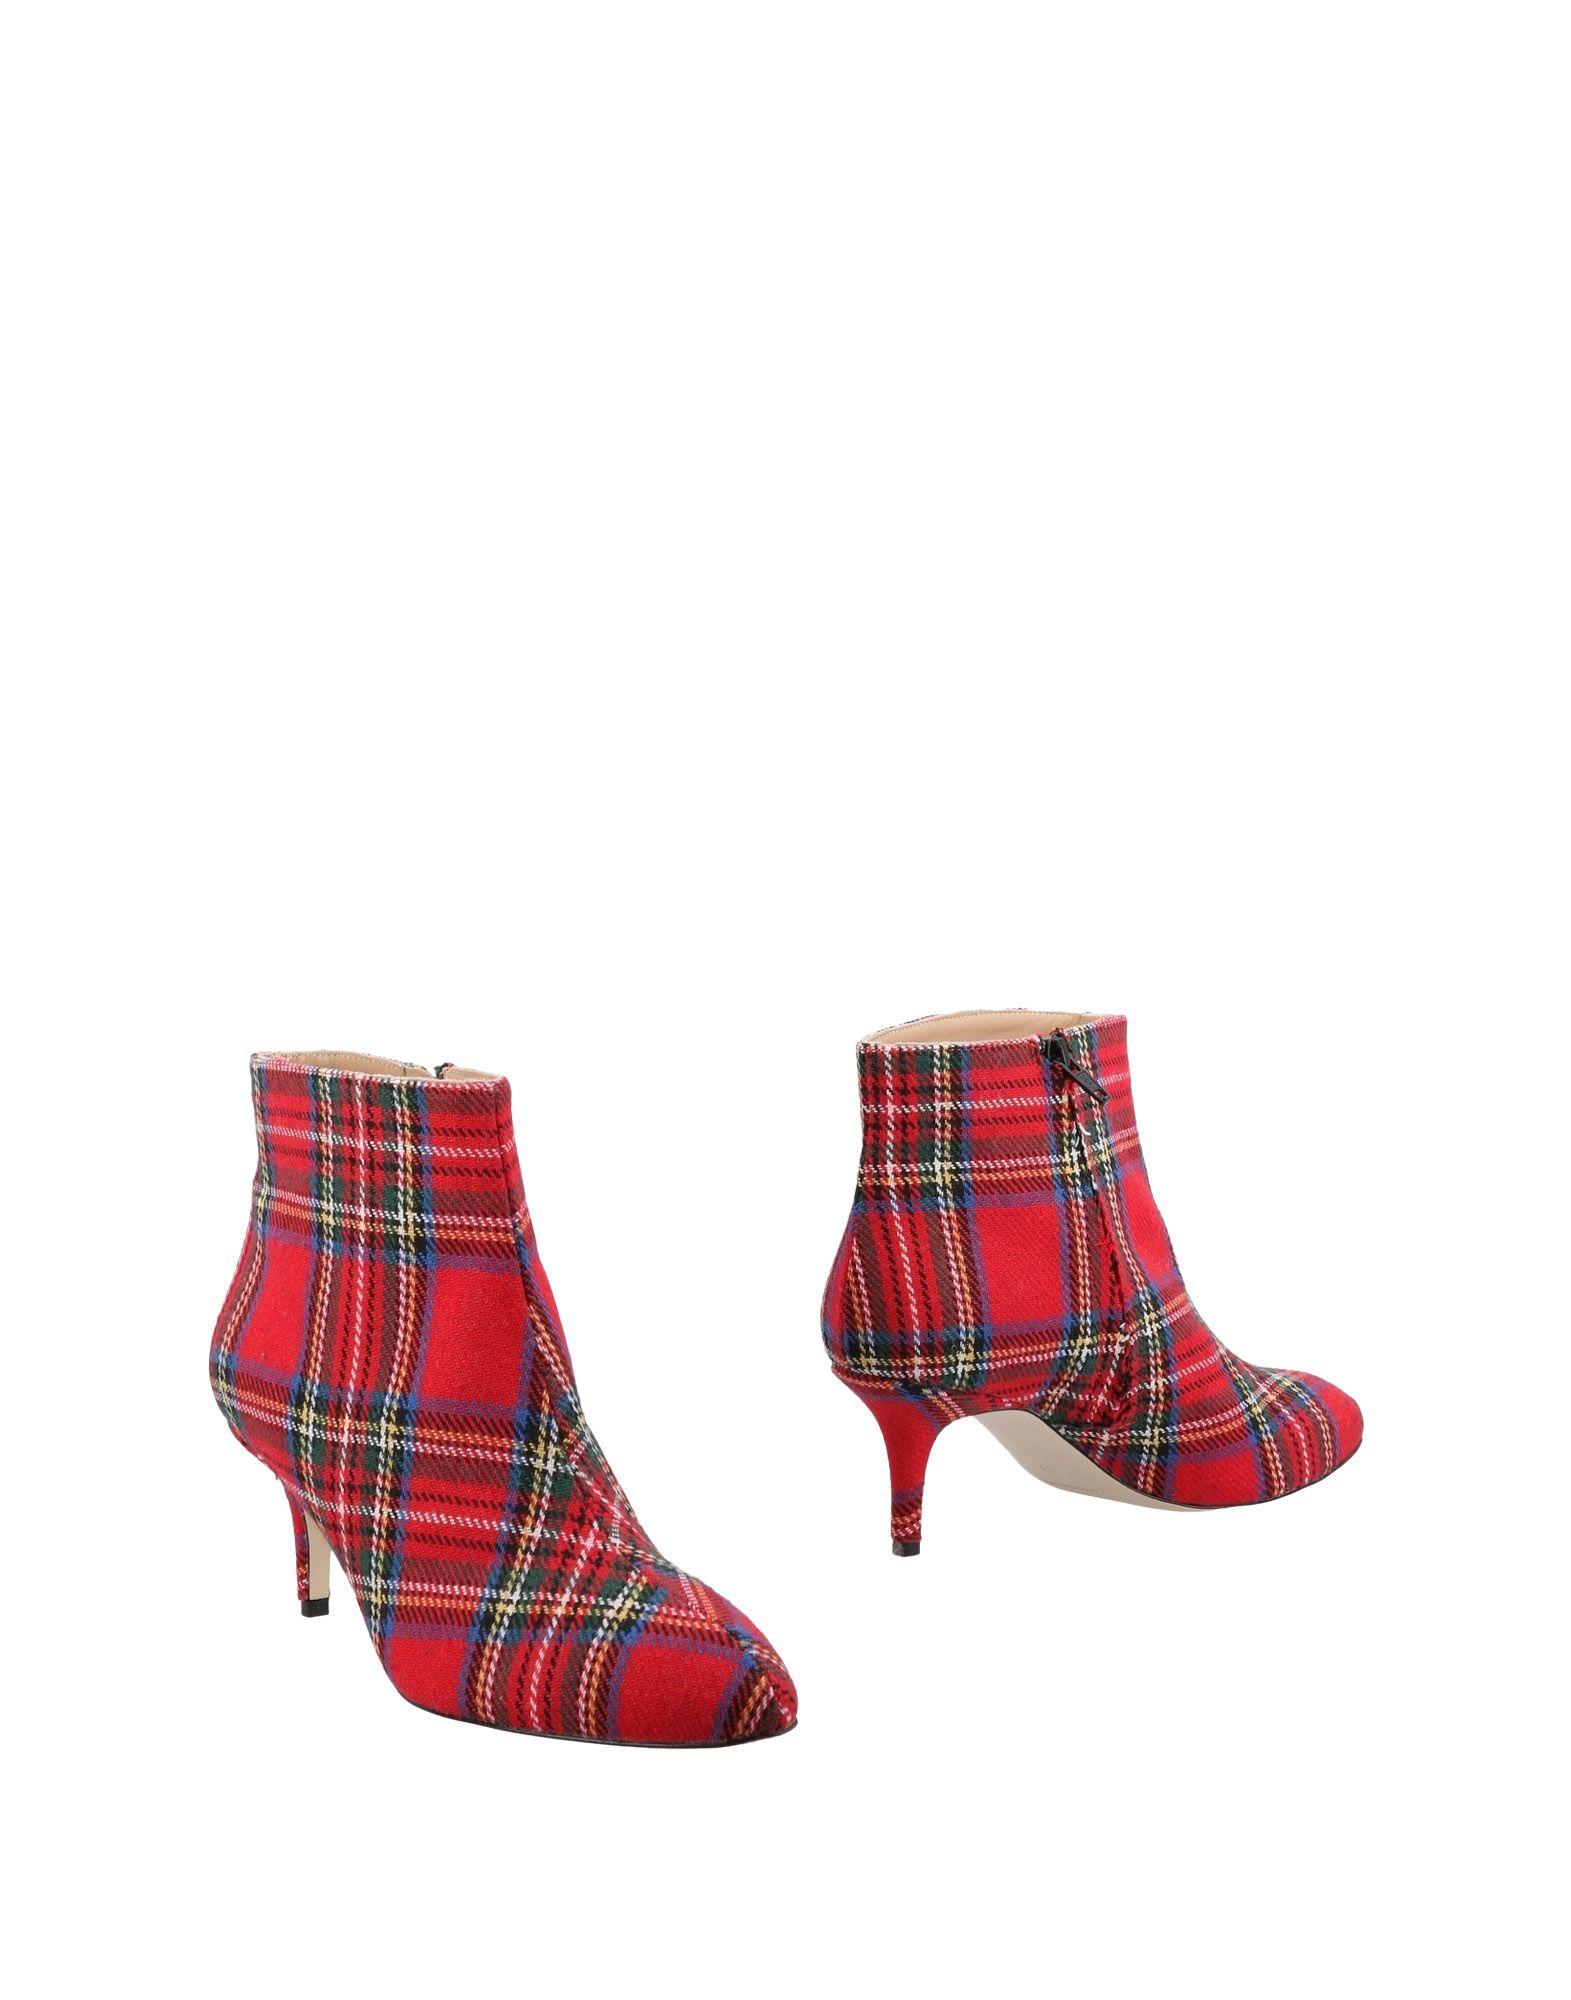 Marie Marí Stiefelette Gute Damen  11484118HR Gute Stiefelette Qualität beliebte Schuhe 122576